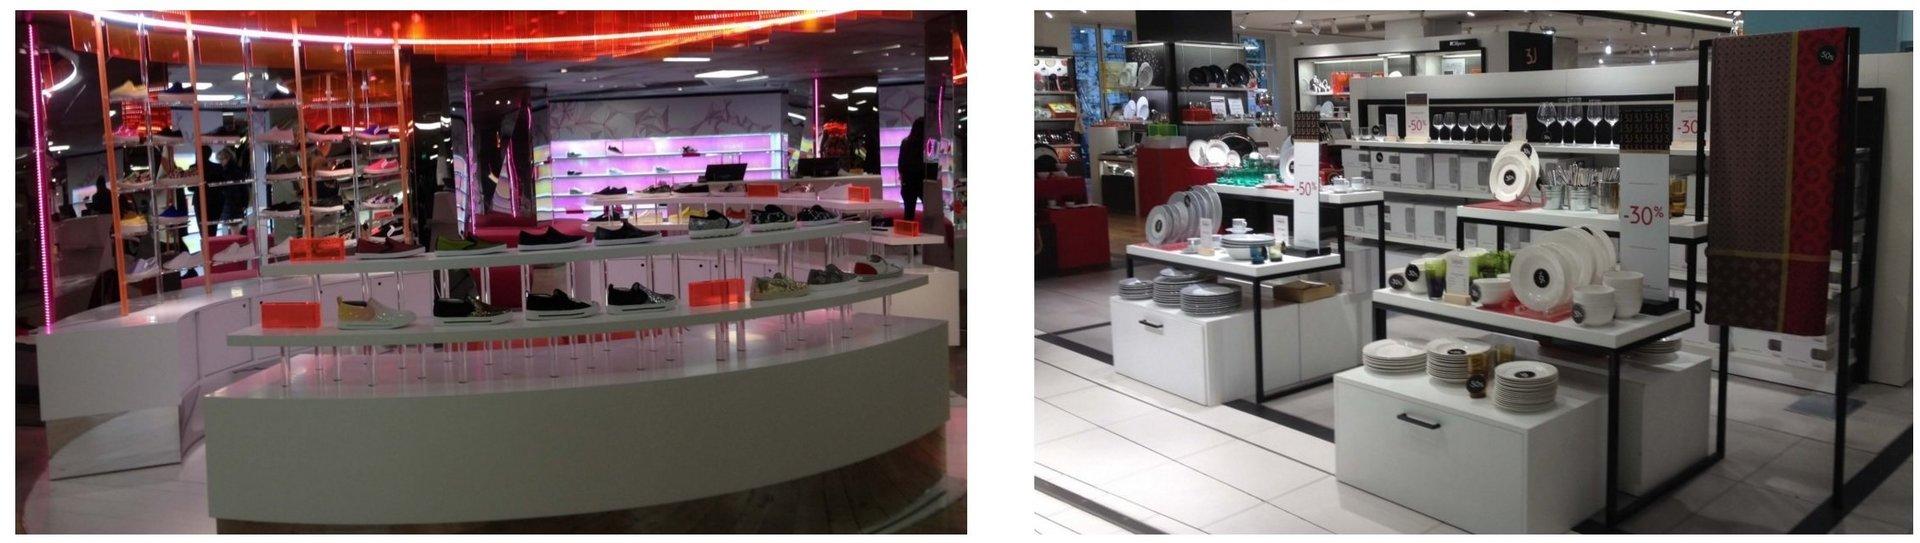 produits-sarl-estampille-meubles-de-presentation-bois-metal-et-plexiglas